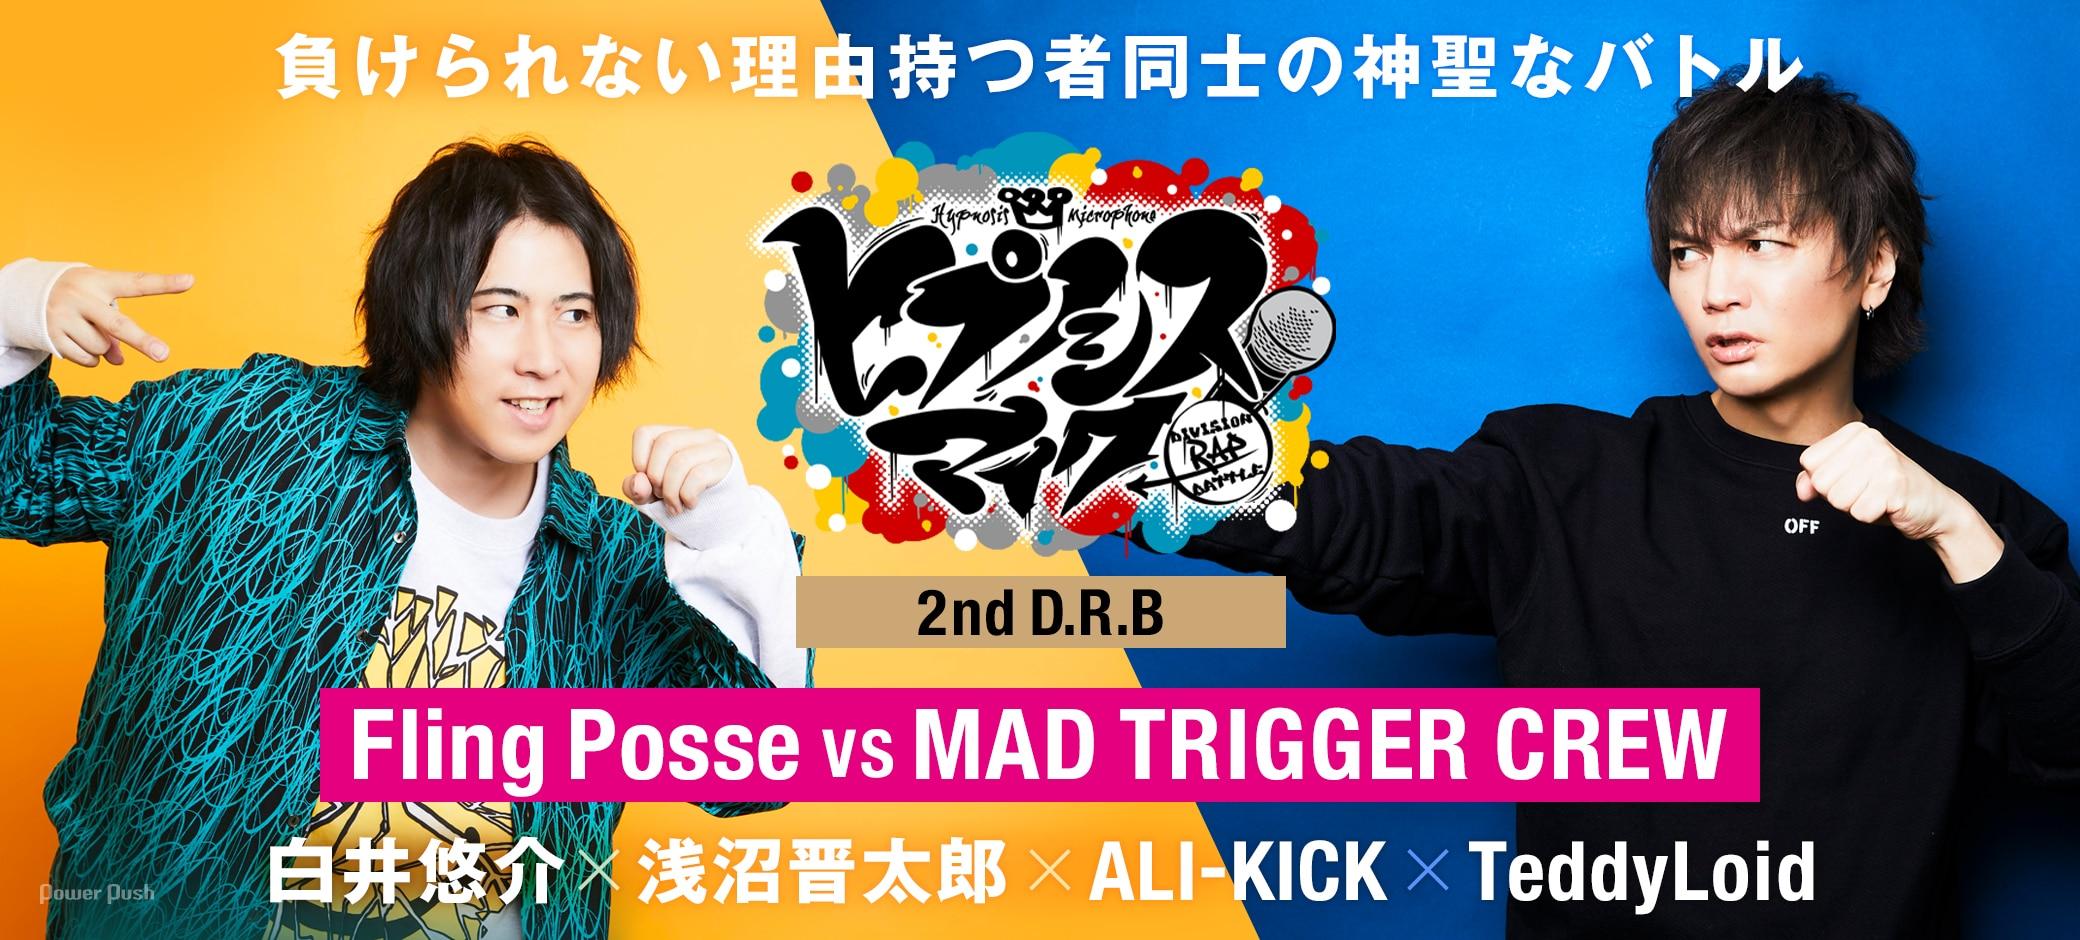 「ヒプノシスマイク-Division Rap Battle- 2nd D.R.B Fling Posse VS MAD TRIGGER CREW」特集 白井悠介×浅沼晋太郎×ALI-KICK×TeddyLoid 負けられない理由持つ者同士の神聖なバトル